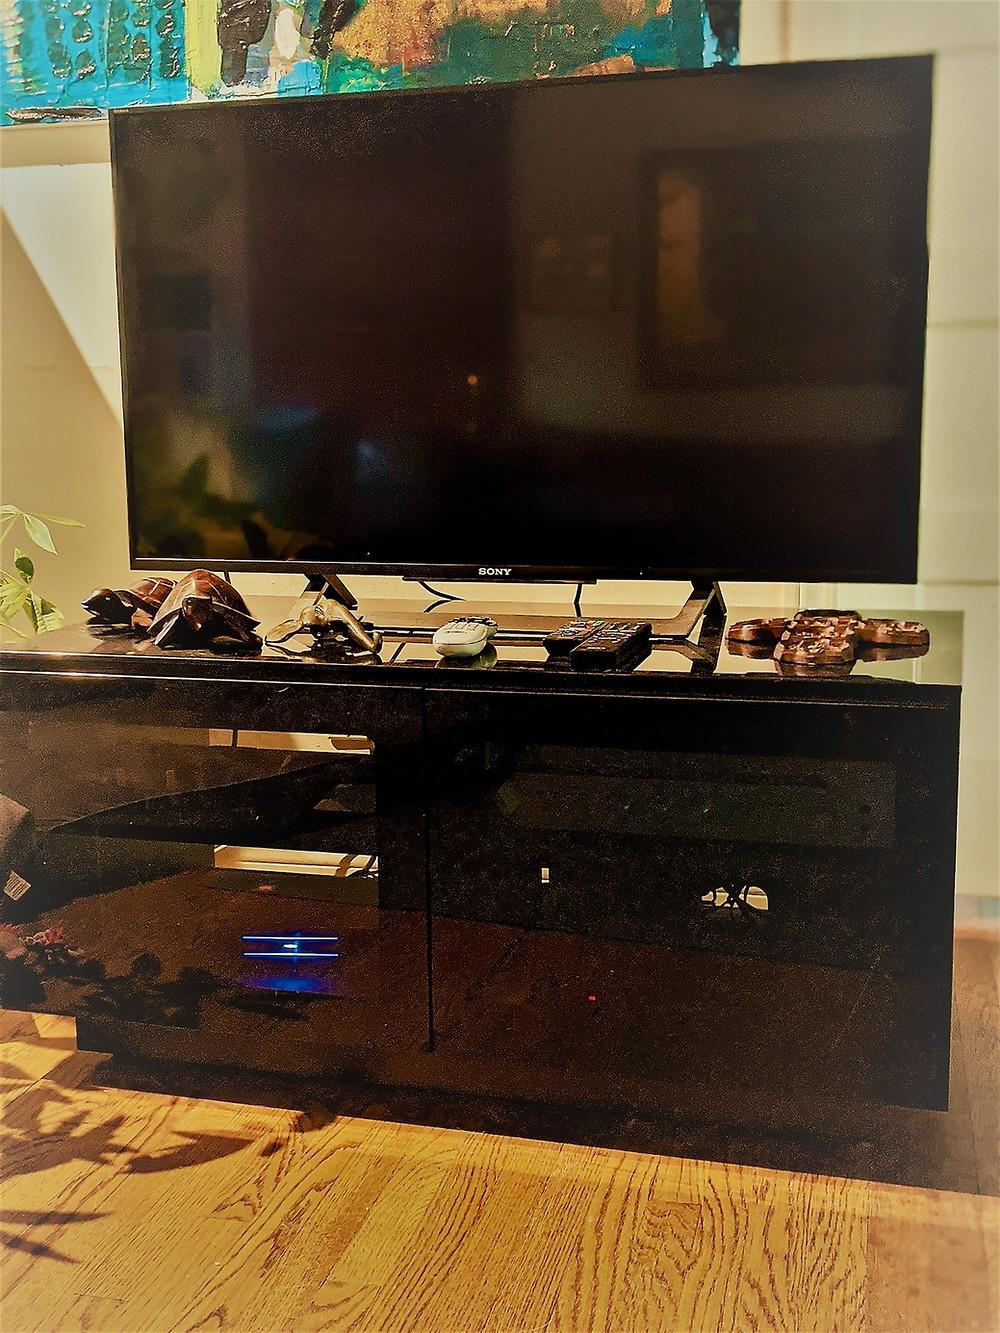 Home TV setup